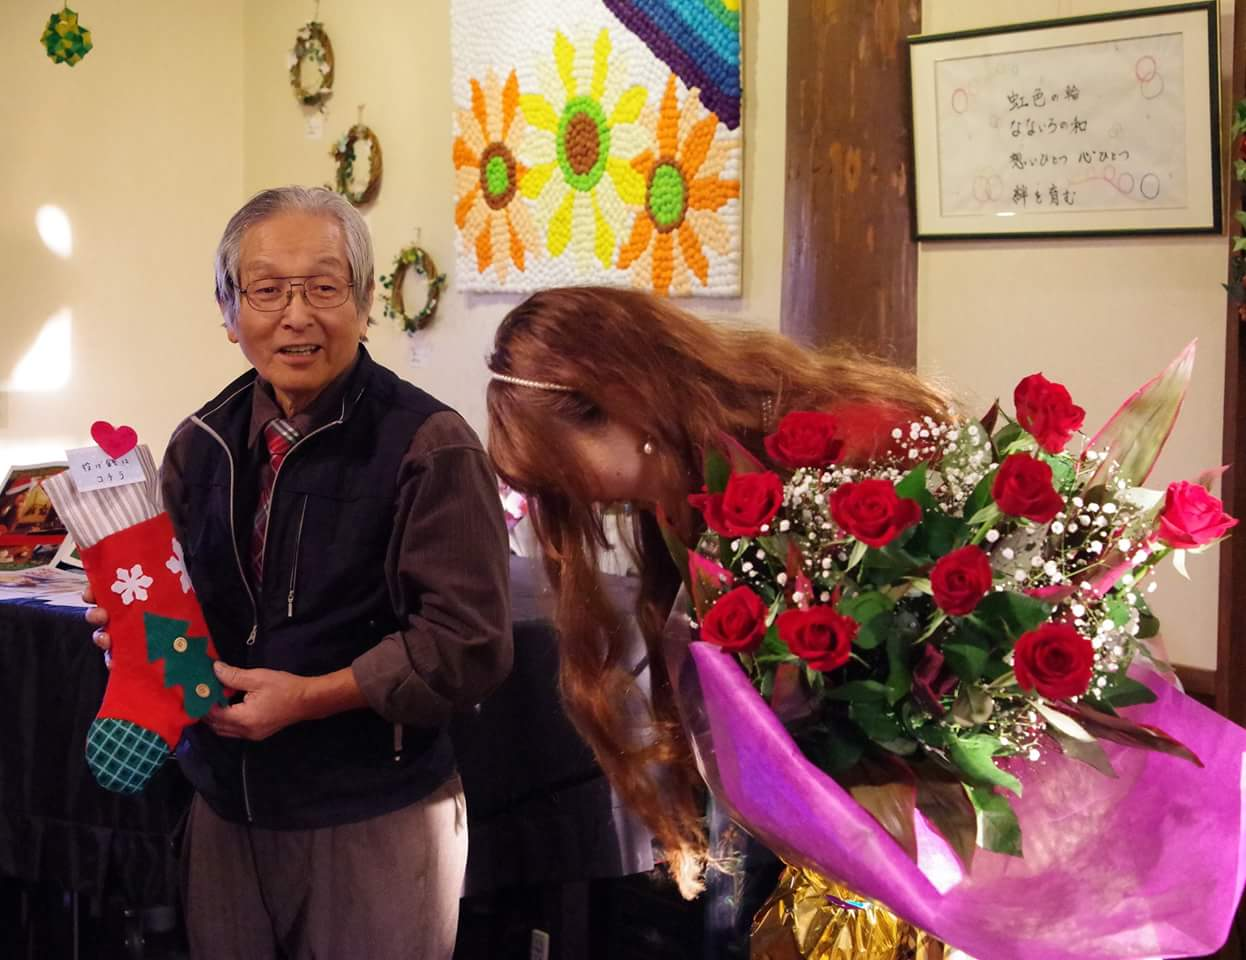 満員御礼!江南市ねいろライブ、ありがとうございました!_f0373339_1558125.jpg